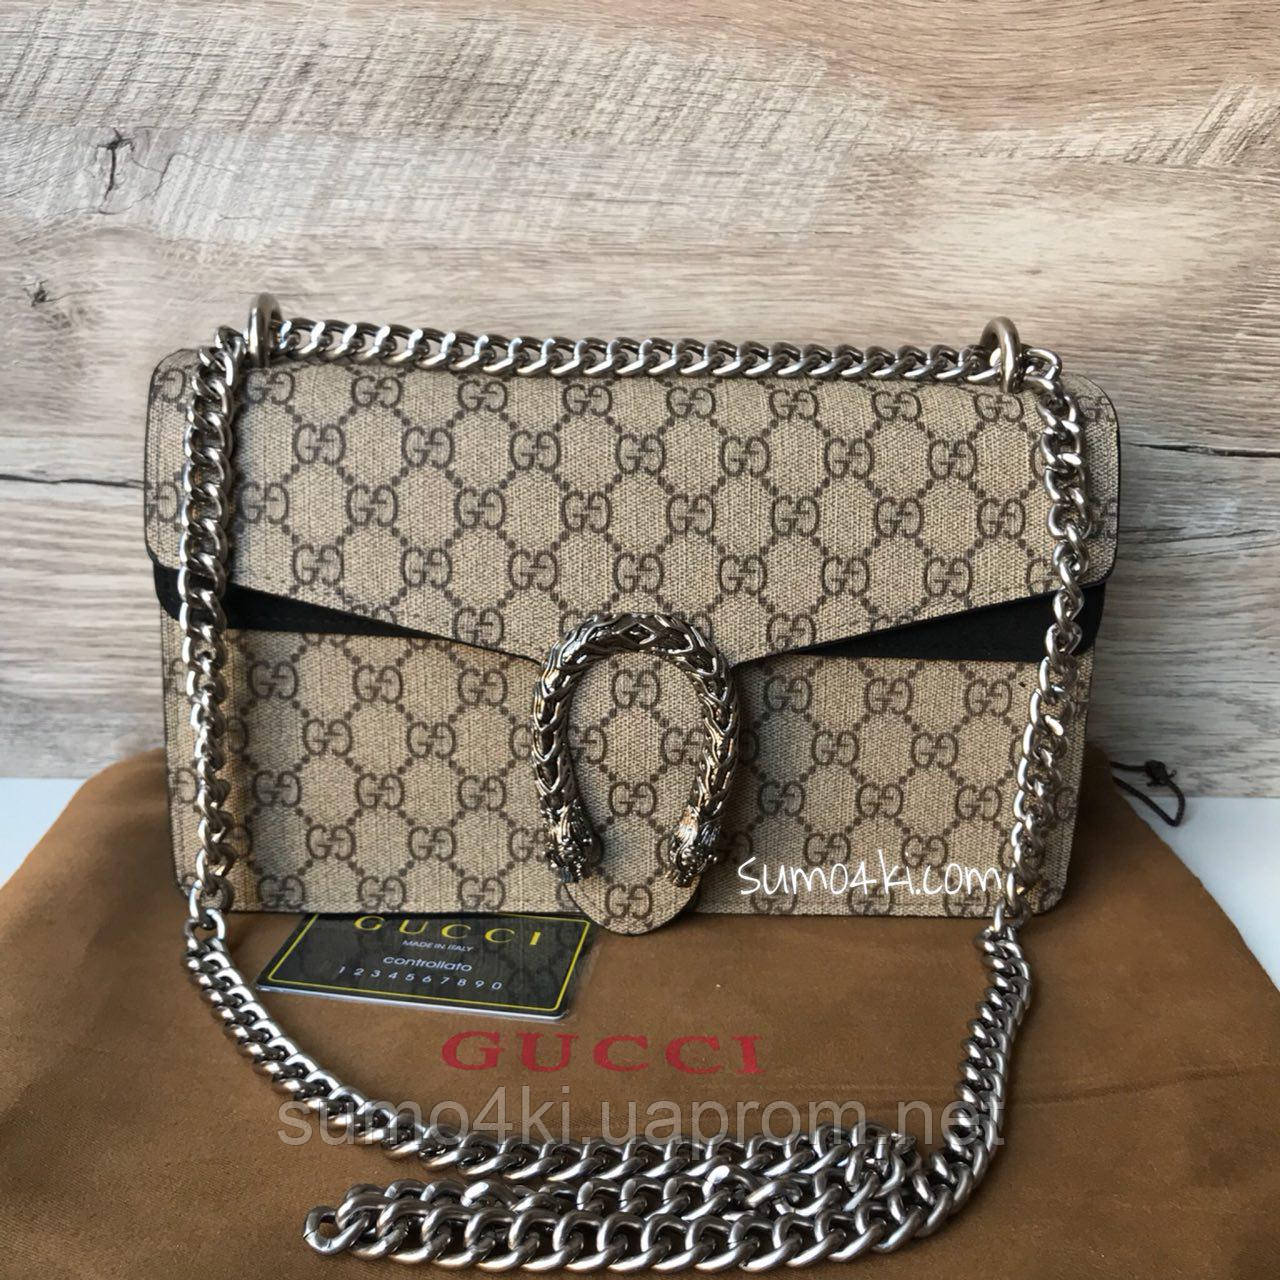 Женская сумка Gucci Dionysus Гуччи - Интернет-магазин «Галерея Сумок» в  Одессе 83a44bad4ef